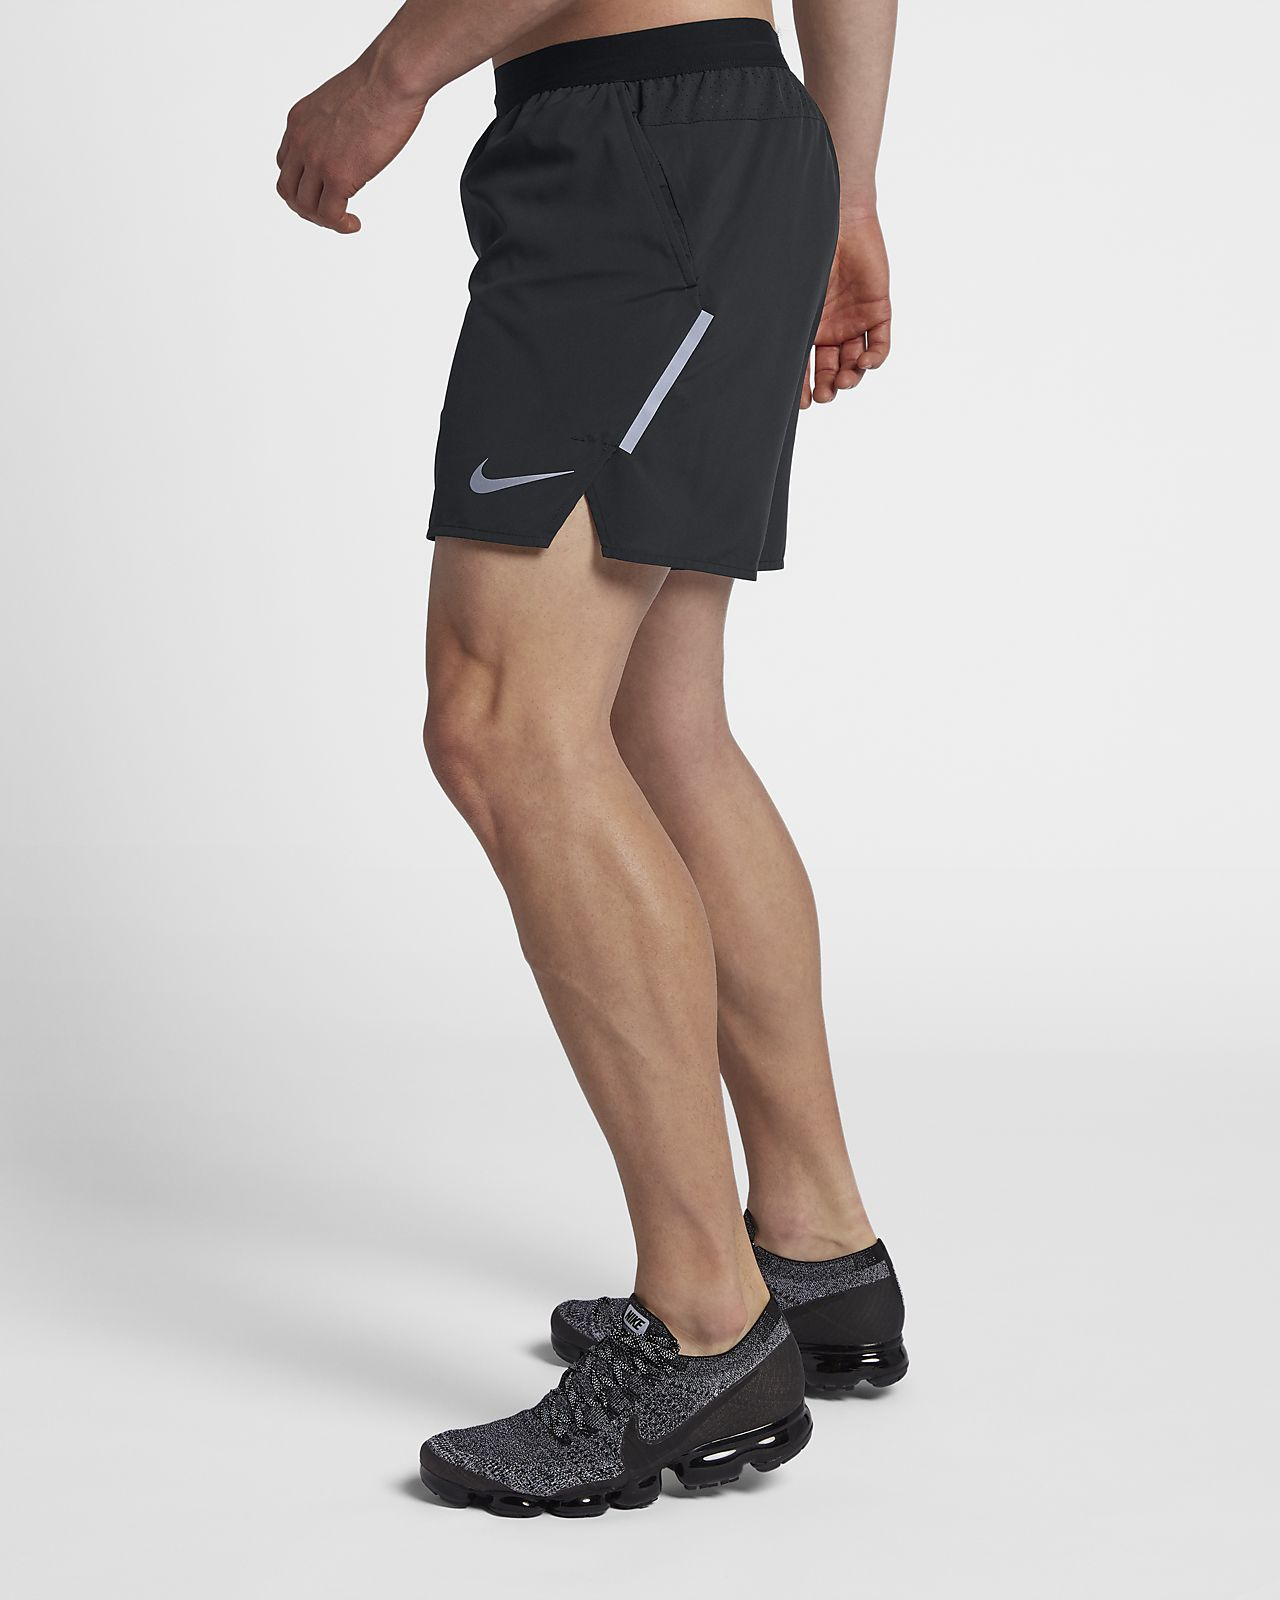 Nike Flex Stride Herren-Laufshorts mit Futter (ca. 12,5 cm)